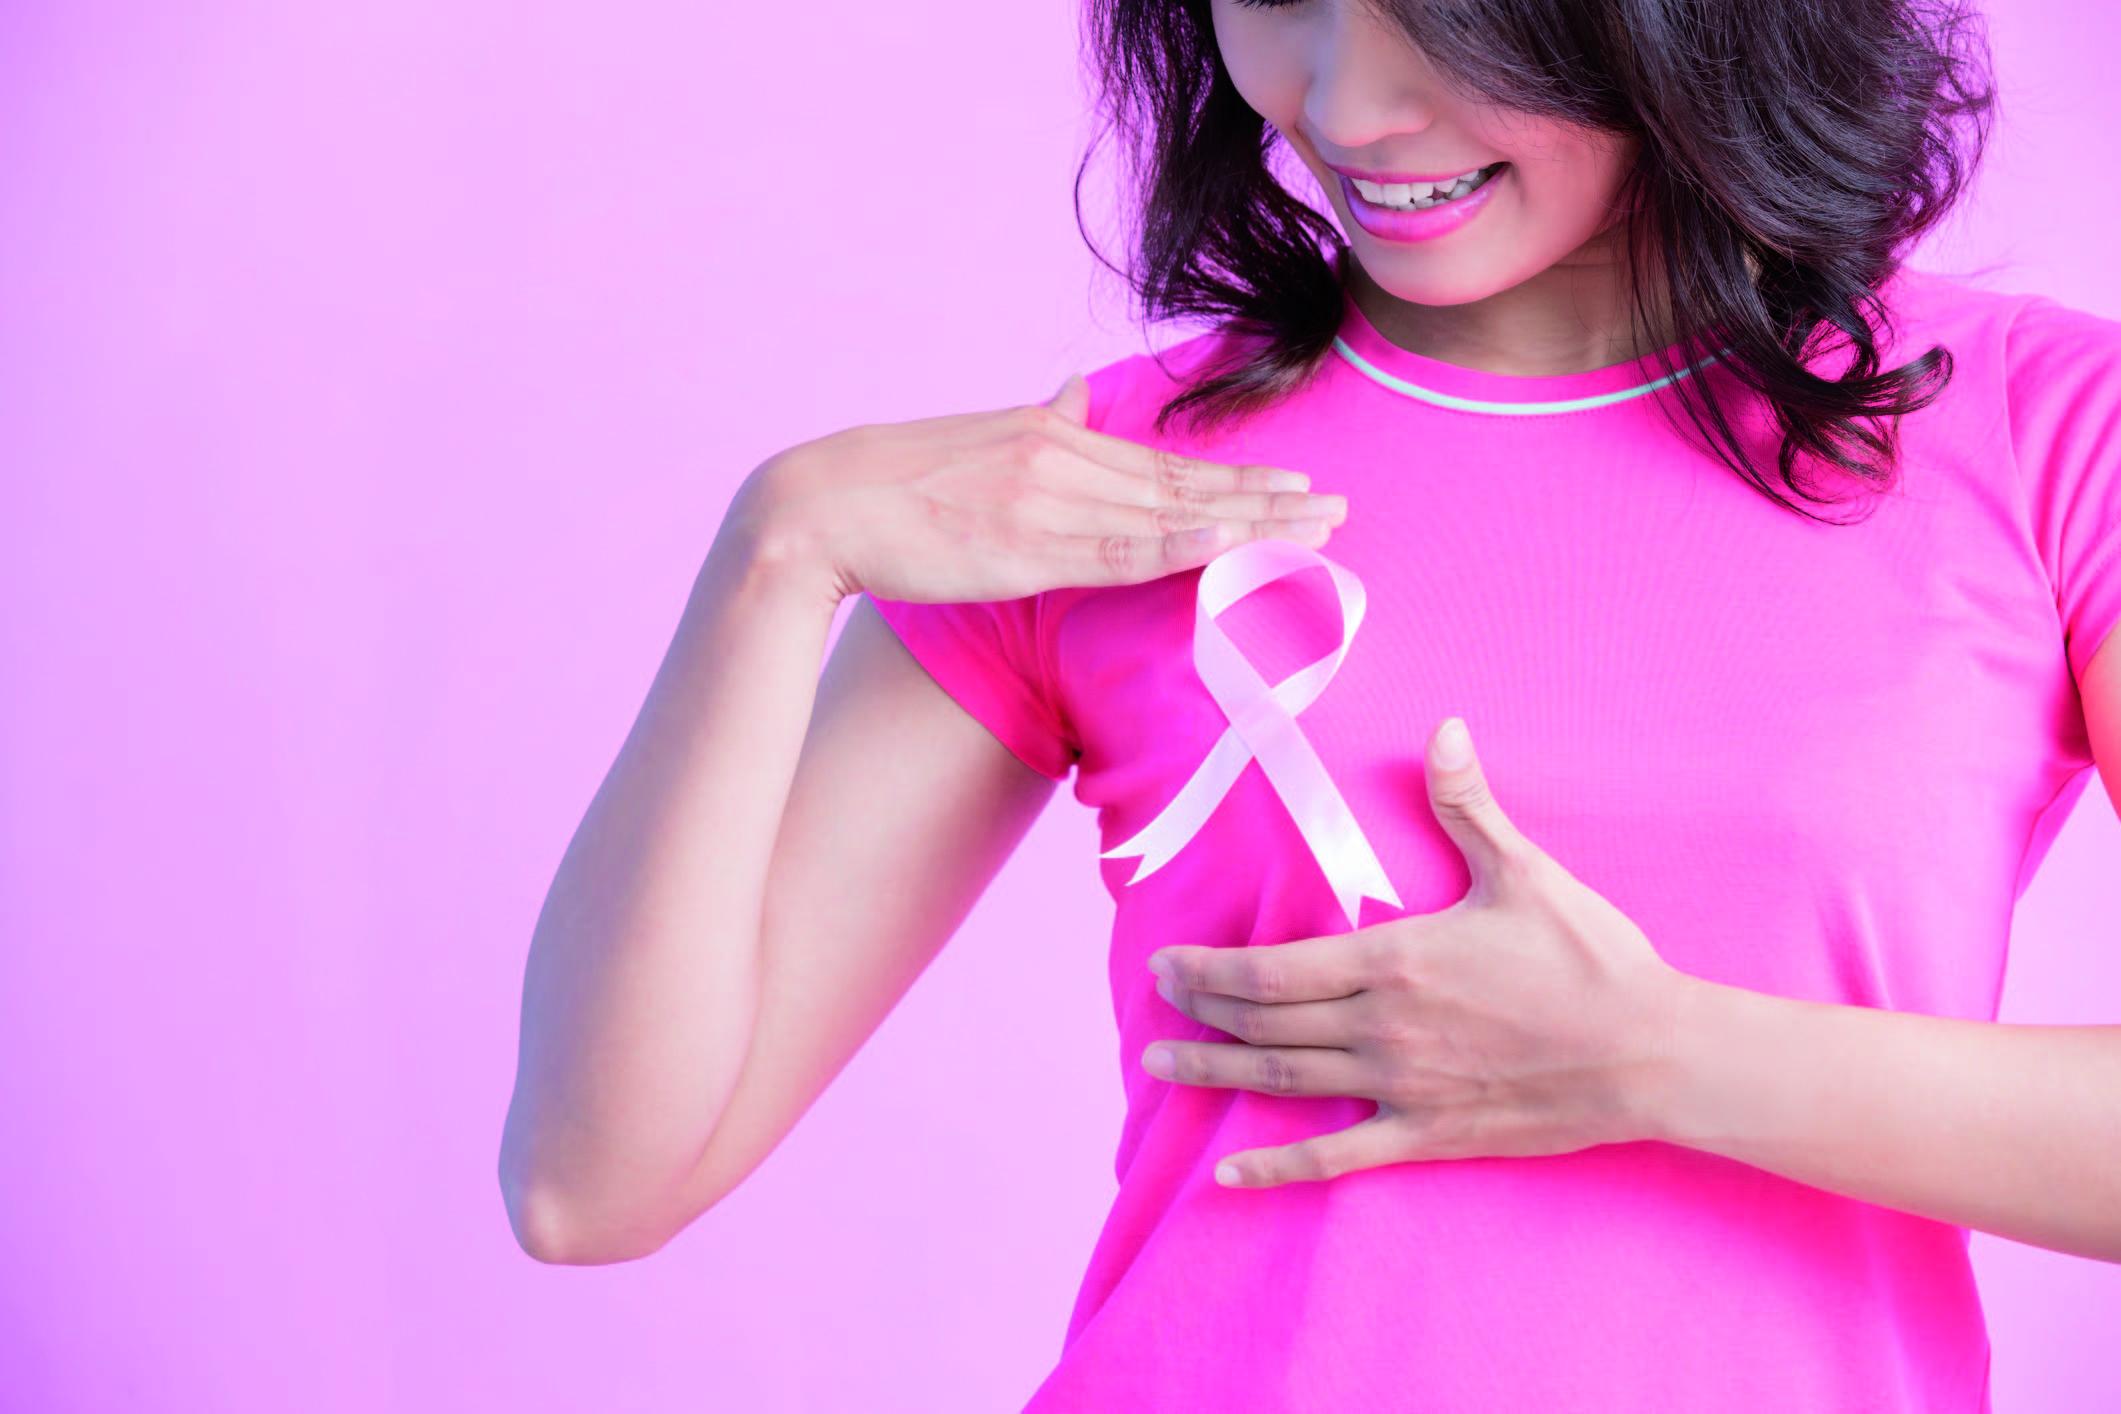 Sigue estos 5 consejos básicos y prevén el cáncer de mama